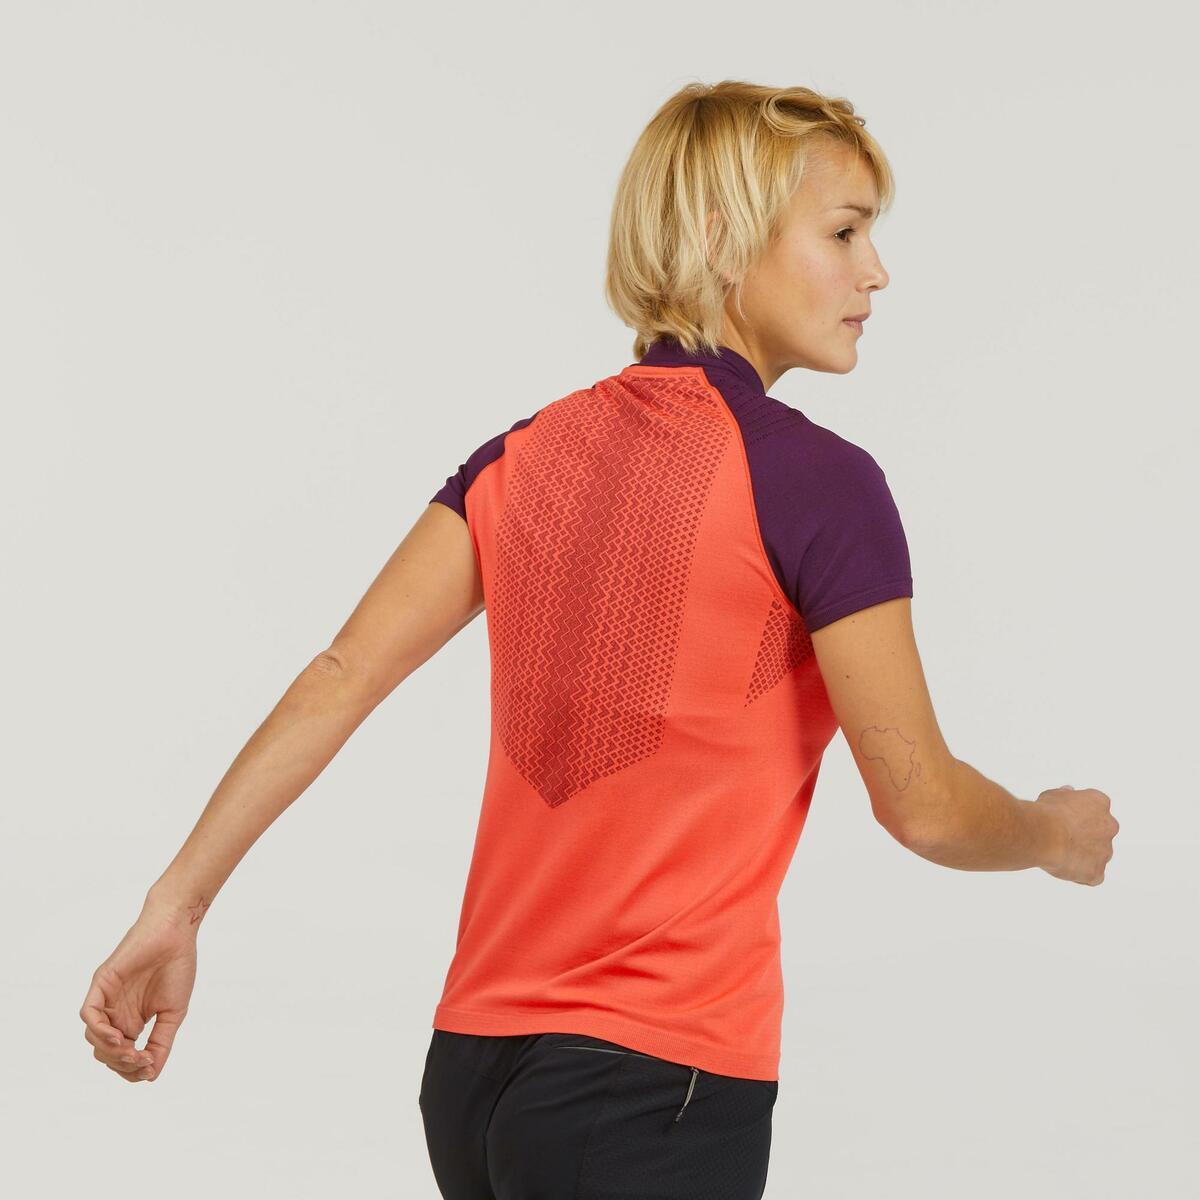 Bild 3 von Funktionsshirt Speed Hiking FH900 Damen rot/violett